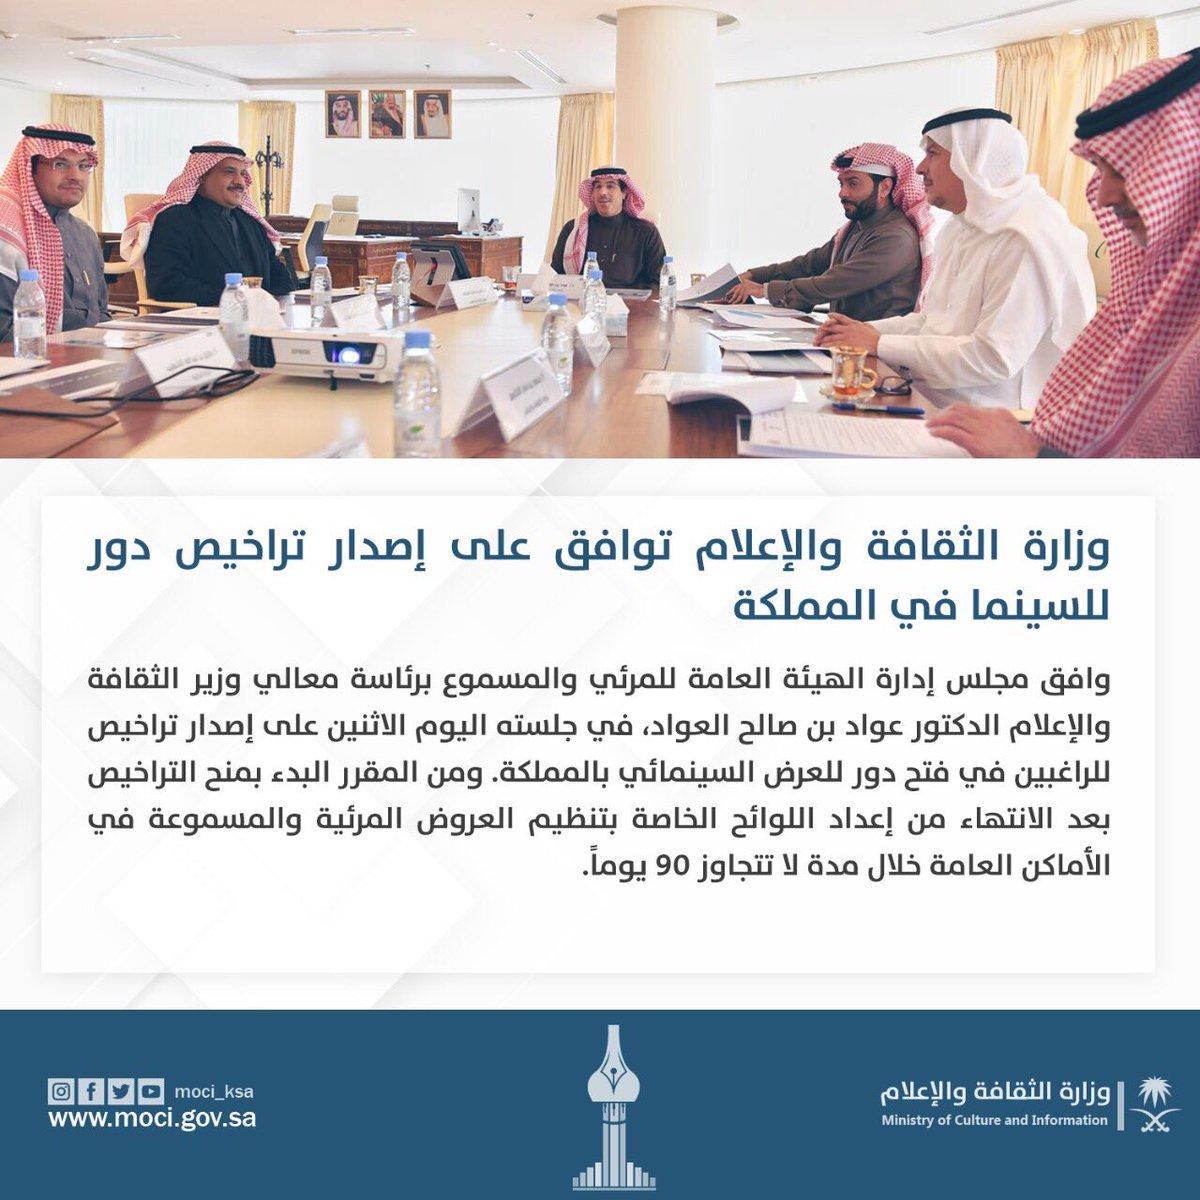 مشروع صالة سينما في السعودية هل سينجح بعد السماح بصالات السينما